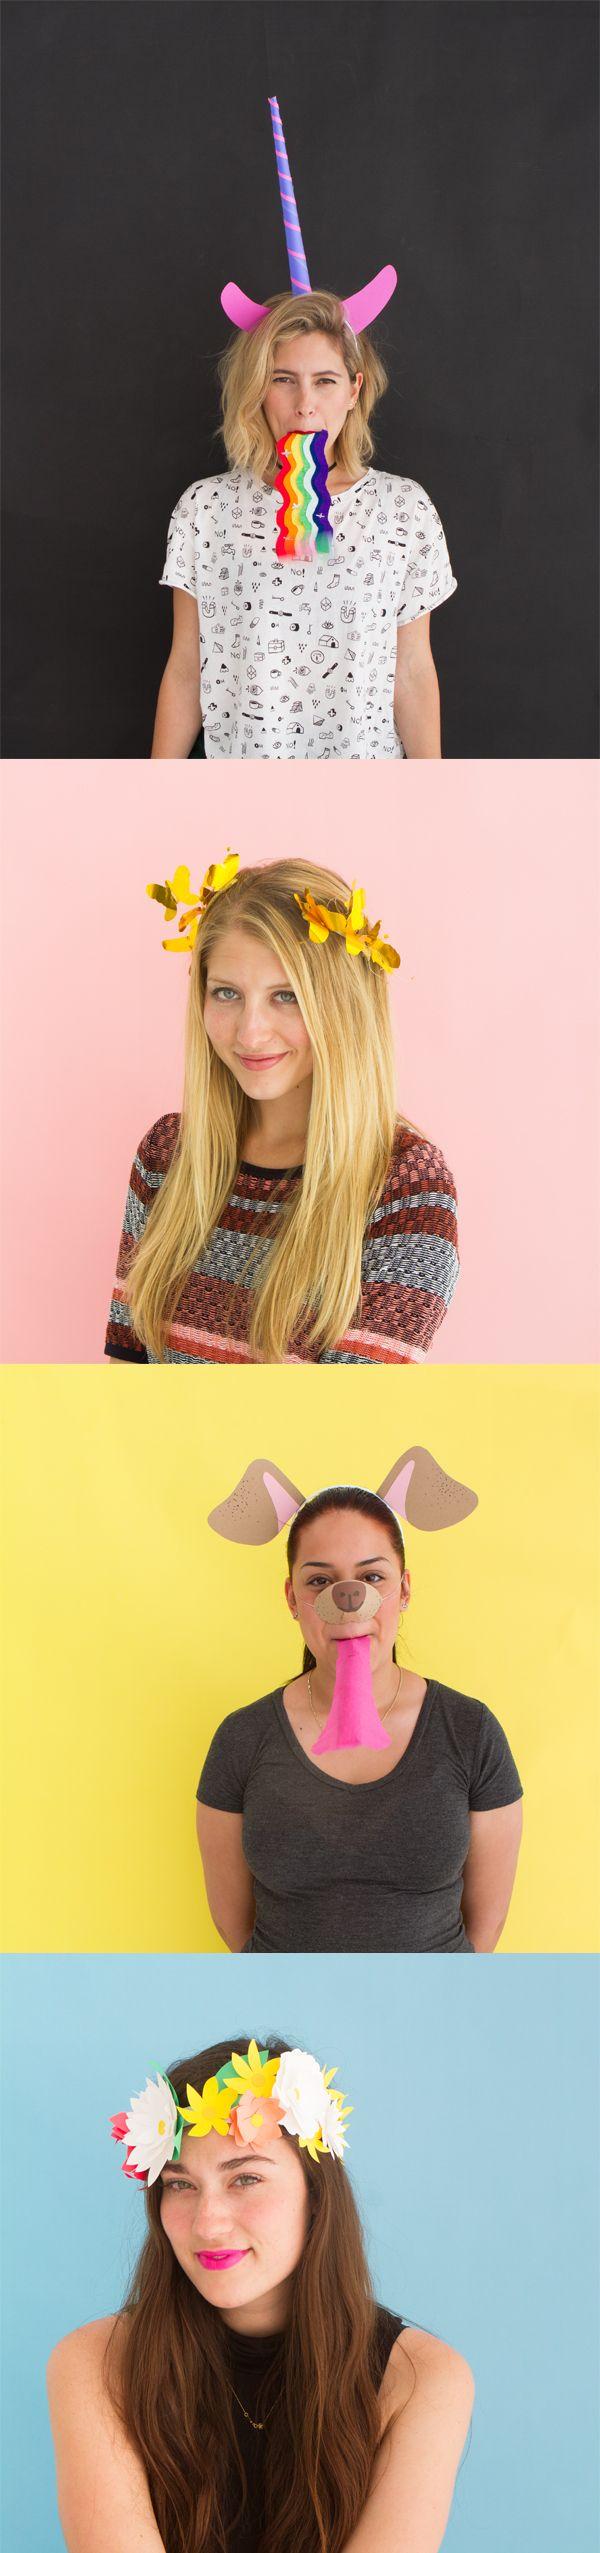 e20139e4d2a Snapchat Filter Costumes